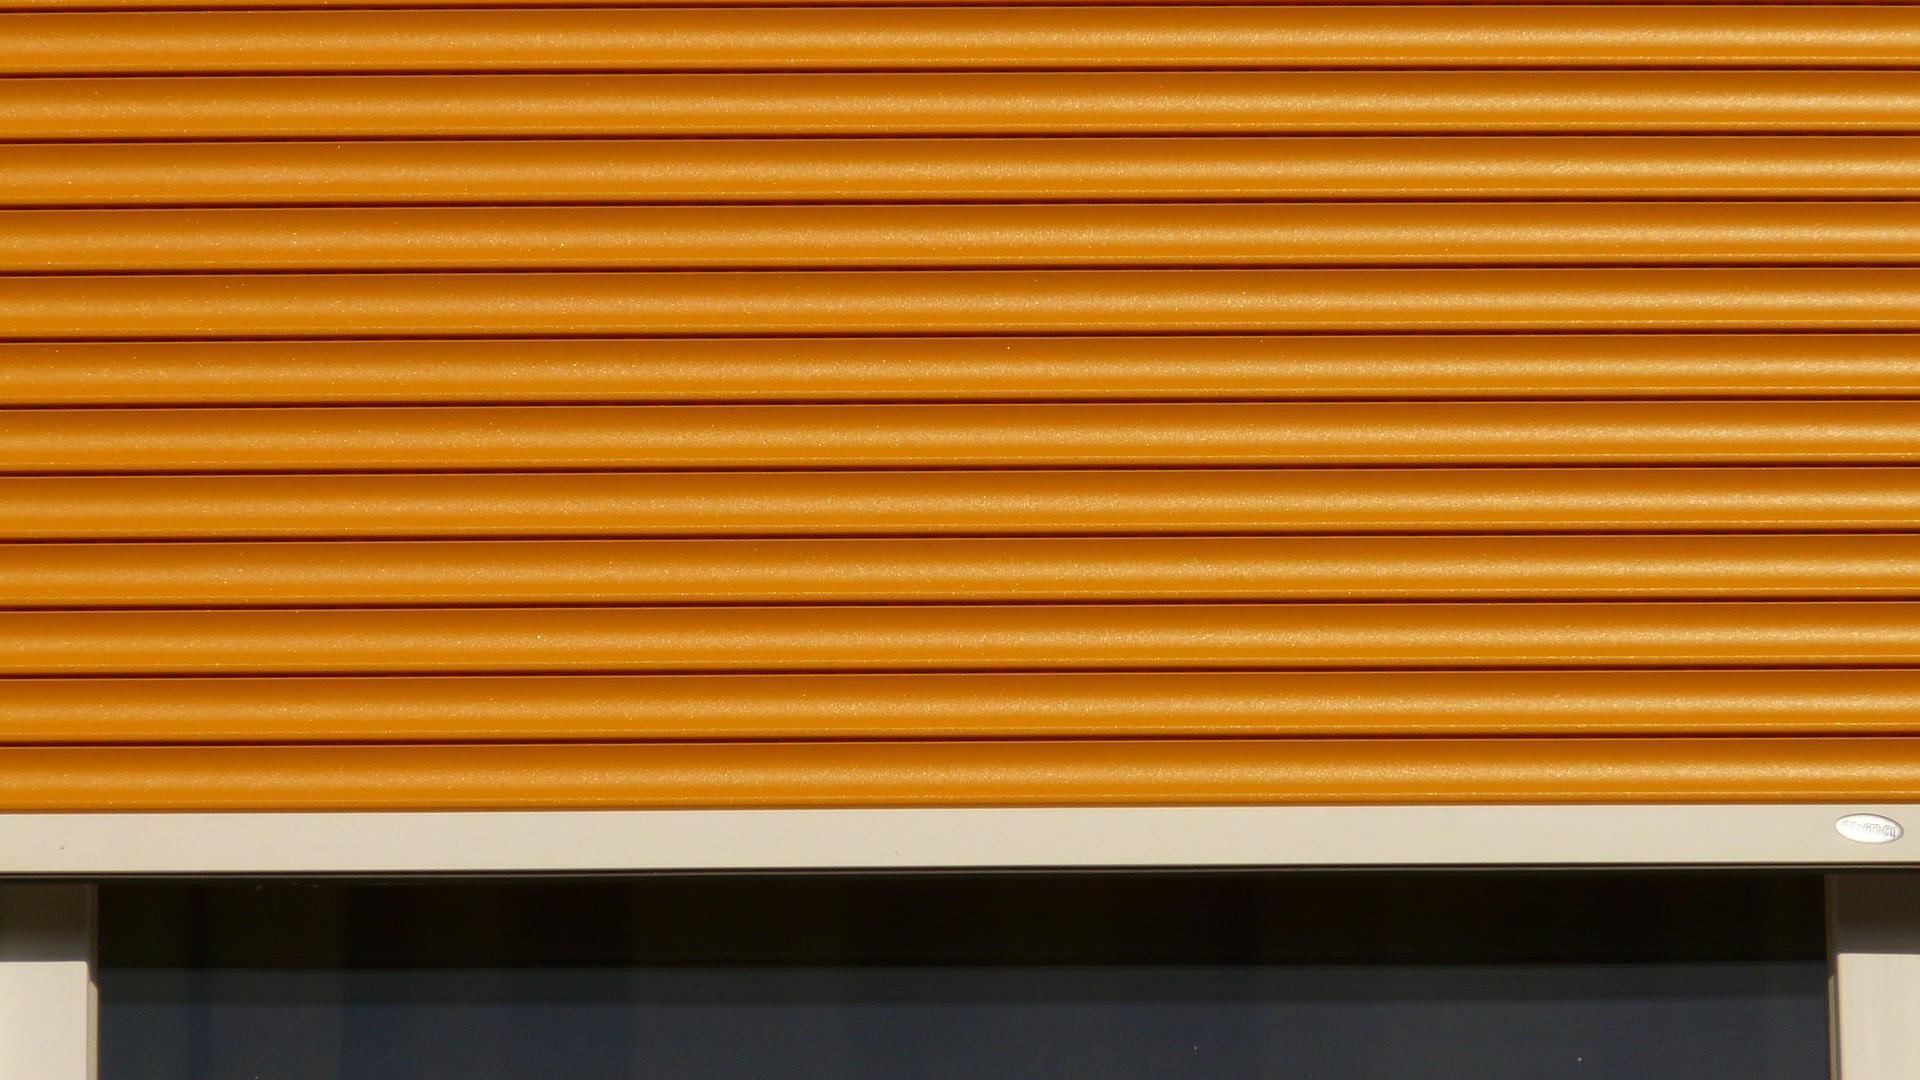 sectionnelle basculante ou enroulement quel est le meilleur mod le de porte de garage. Black Bedroom Furniture Sets. Home Design Ideas